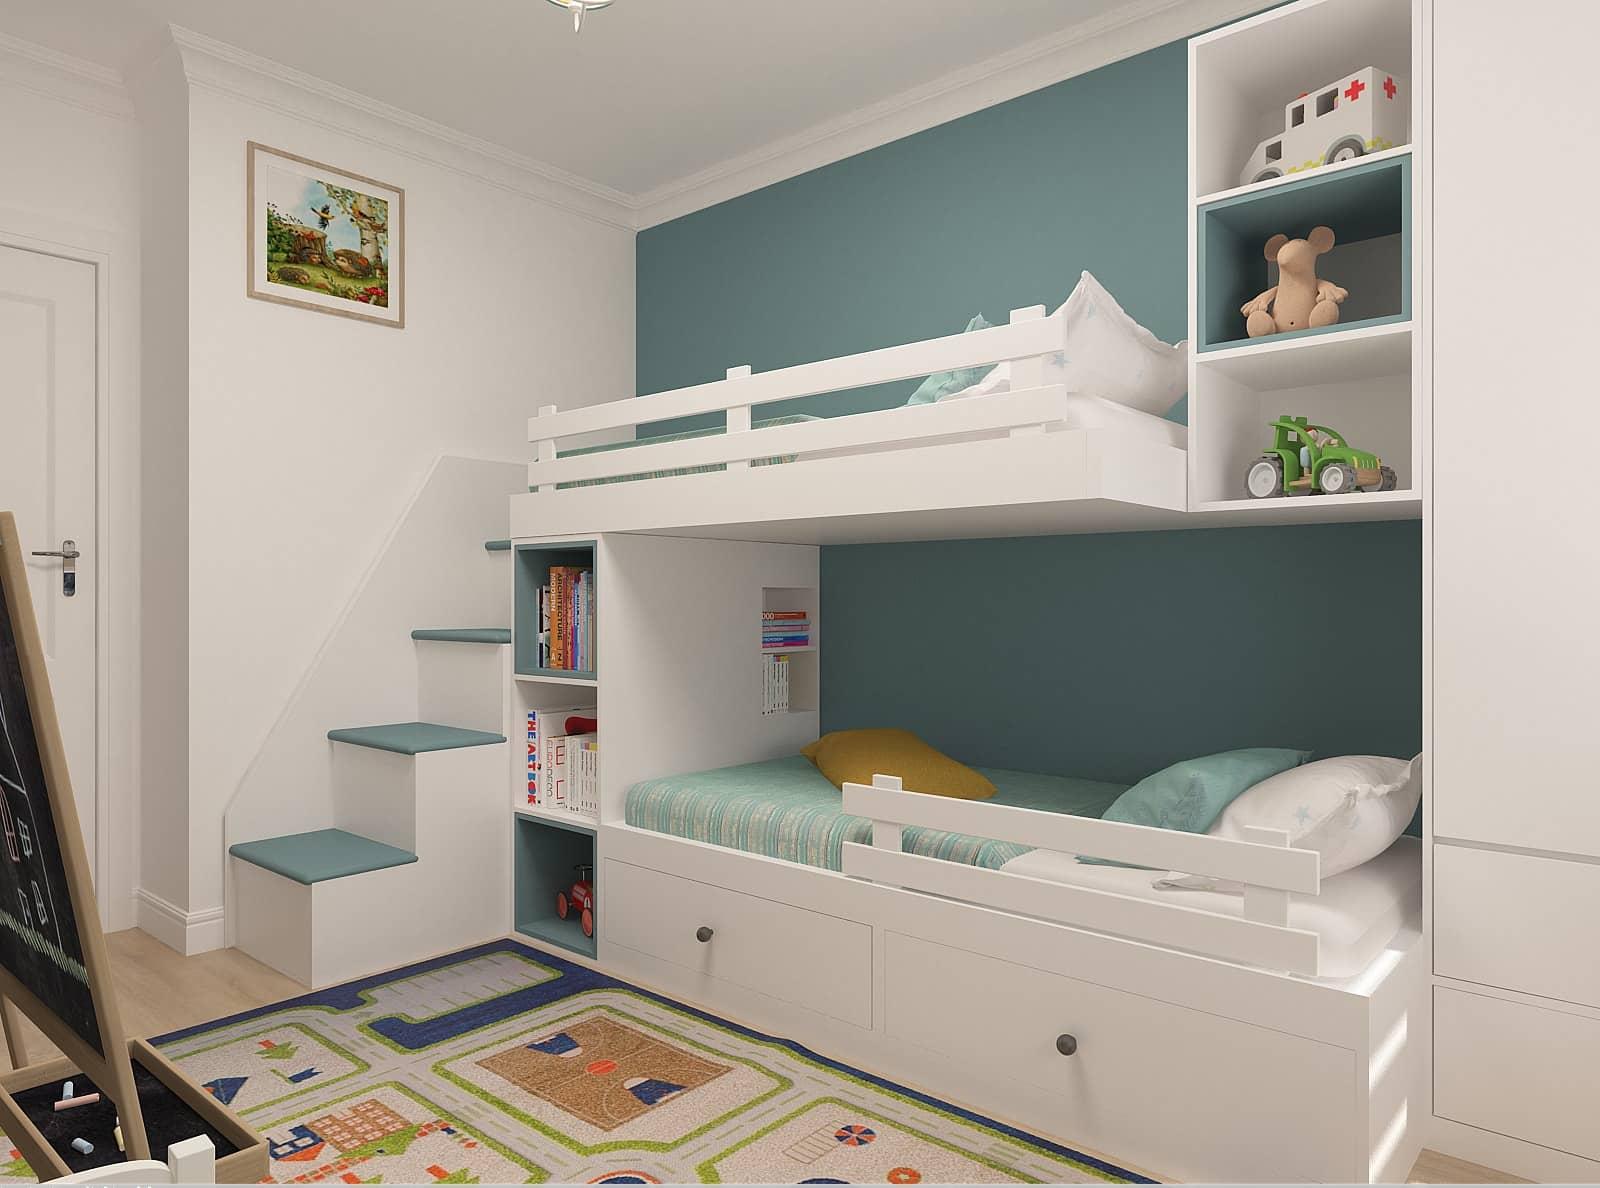 Дизайн дитячої кімнати: 3д-візуалізація 2